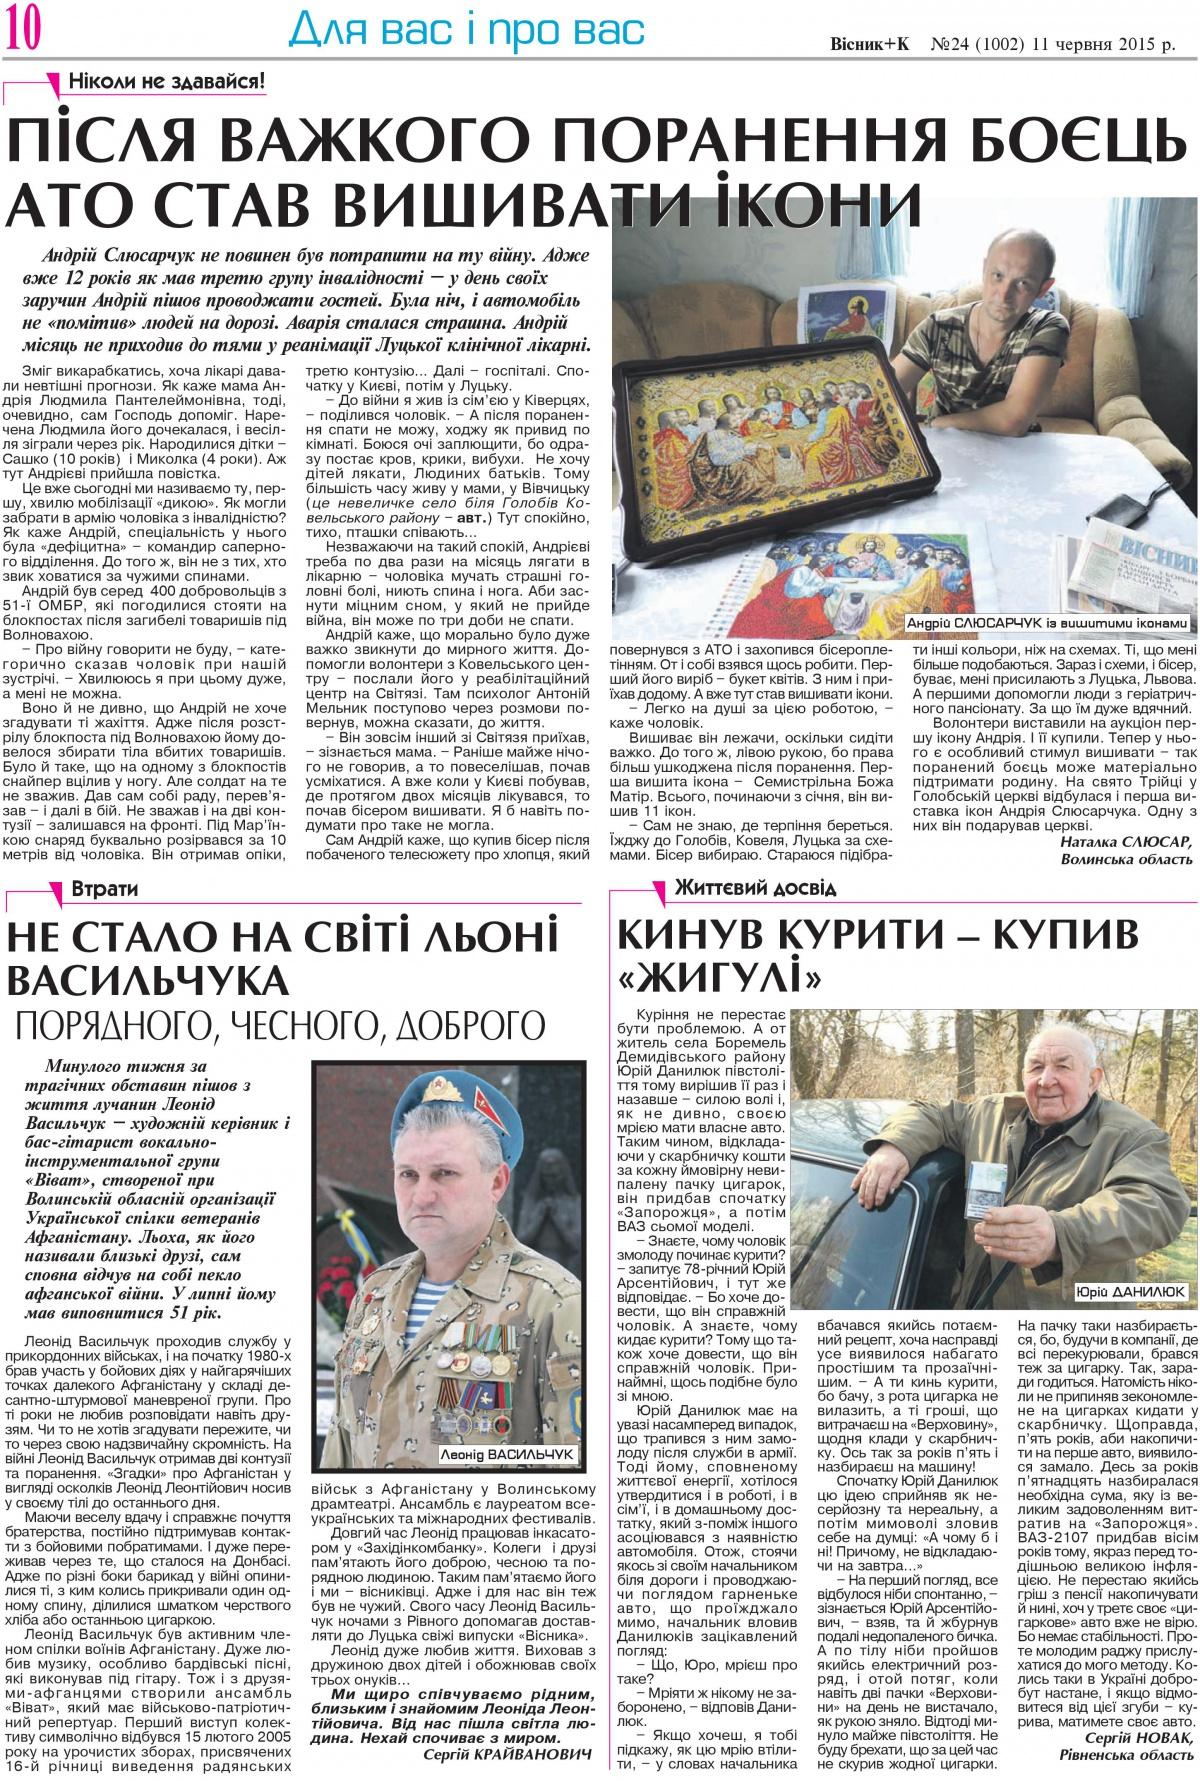 Газета «ВІСНИК+К» № 24 (1002) 0ad0eb505b52c